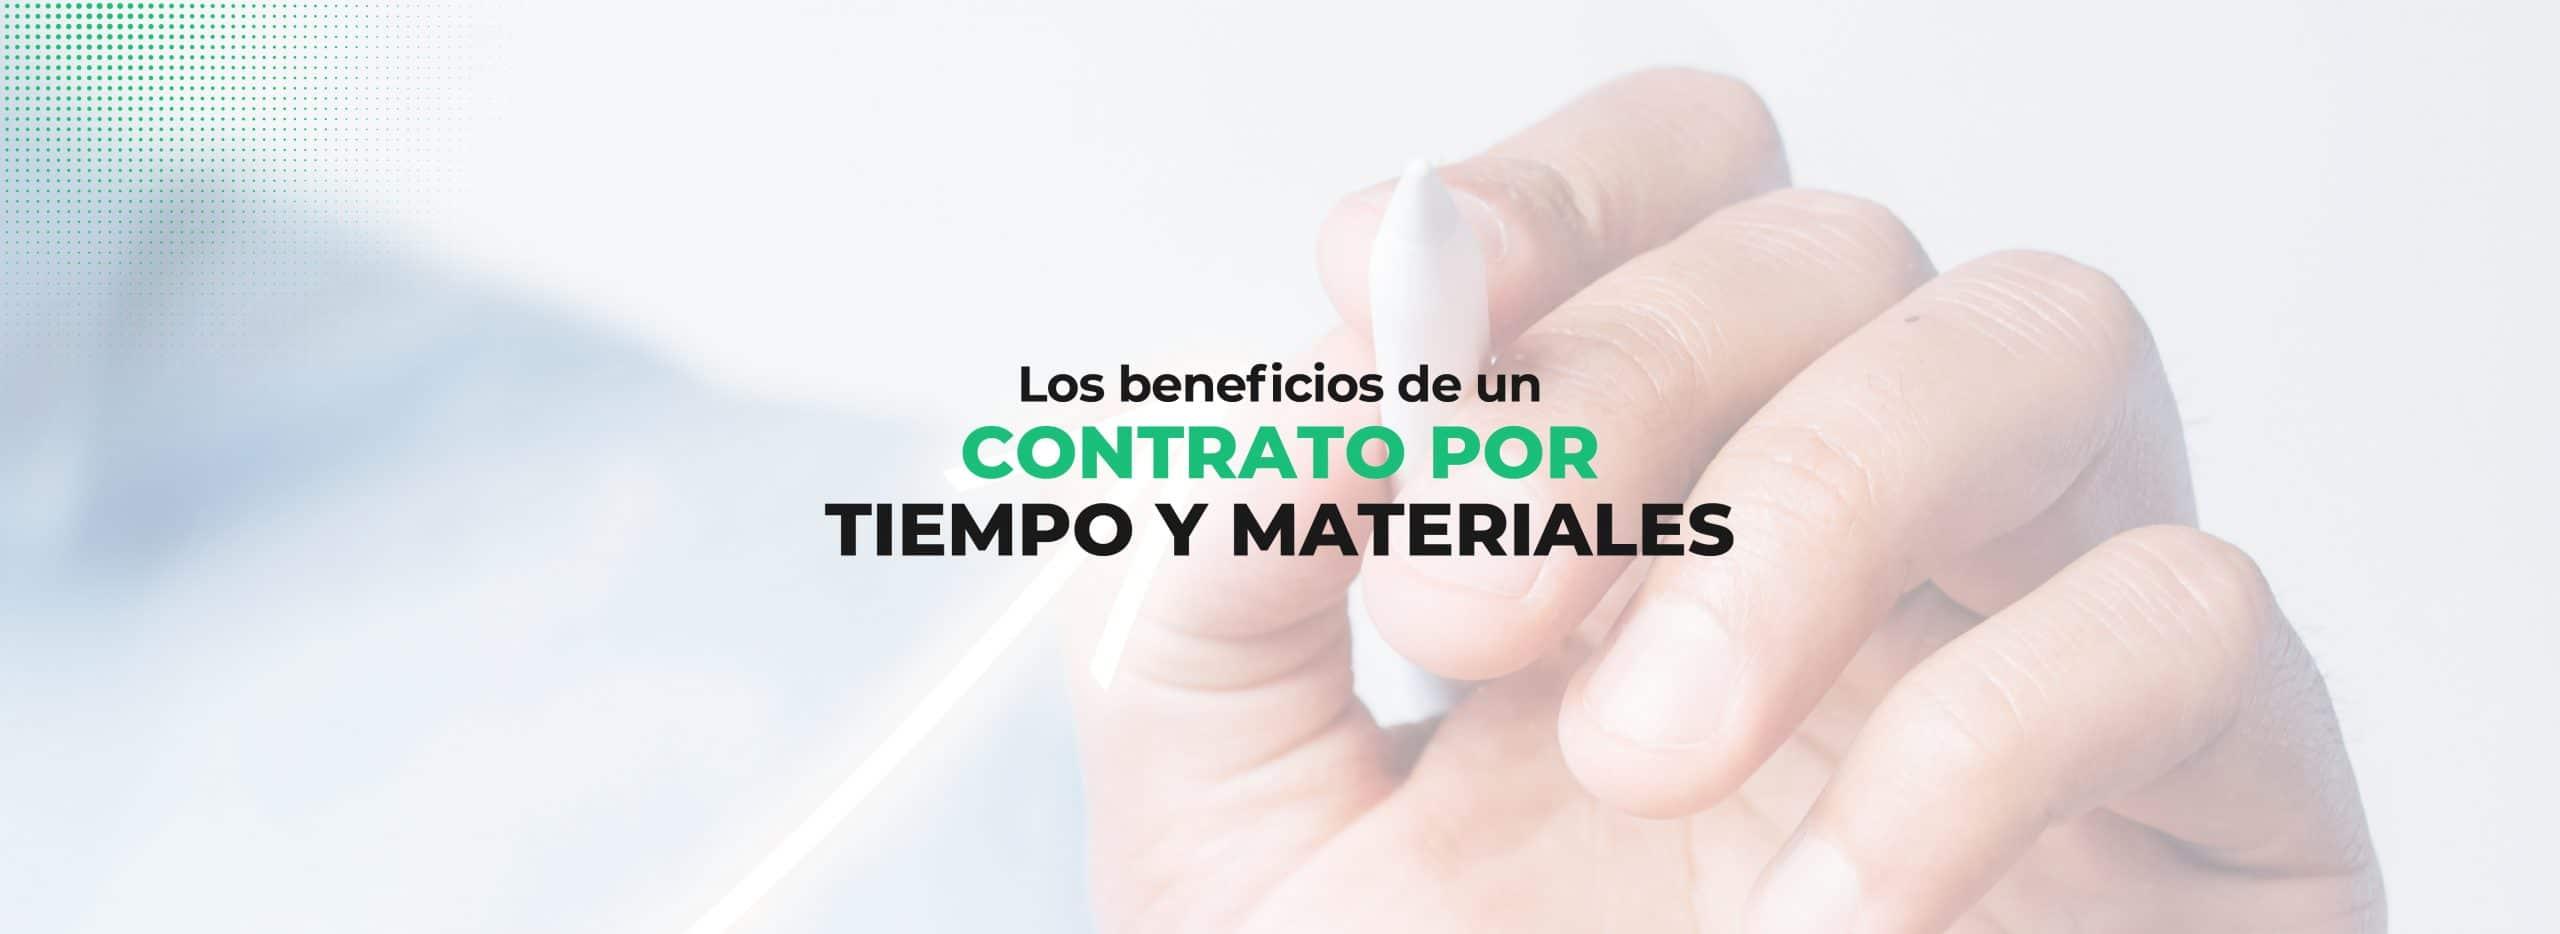 Contrato por tiempo y materiales: sus beneficios